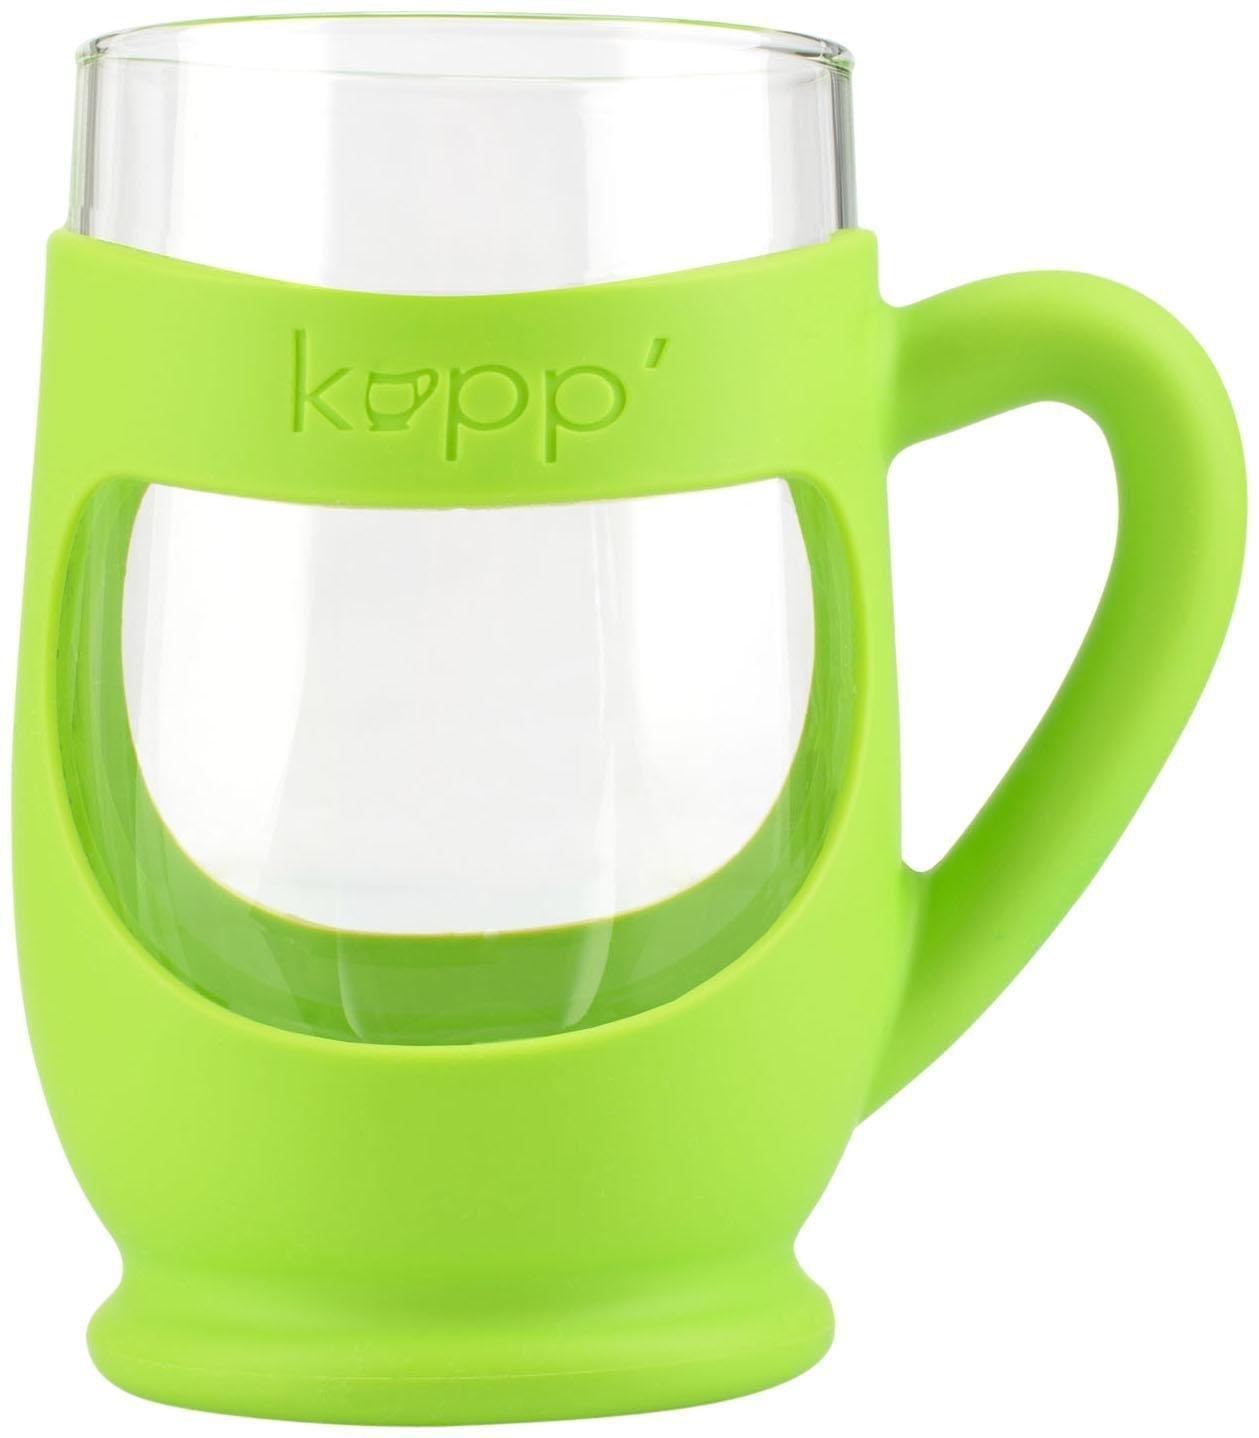 熱販売 Kupp' Glass Kupp' Drinking Cup for Kids Green by for Green Kupp' B00M3F1IZG, Belle Vie:15cda4c1 --- a0267596.xsph.ru